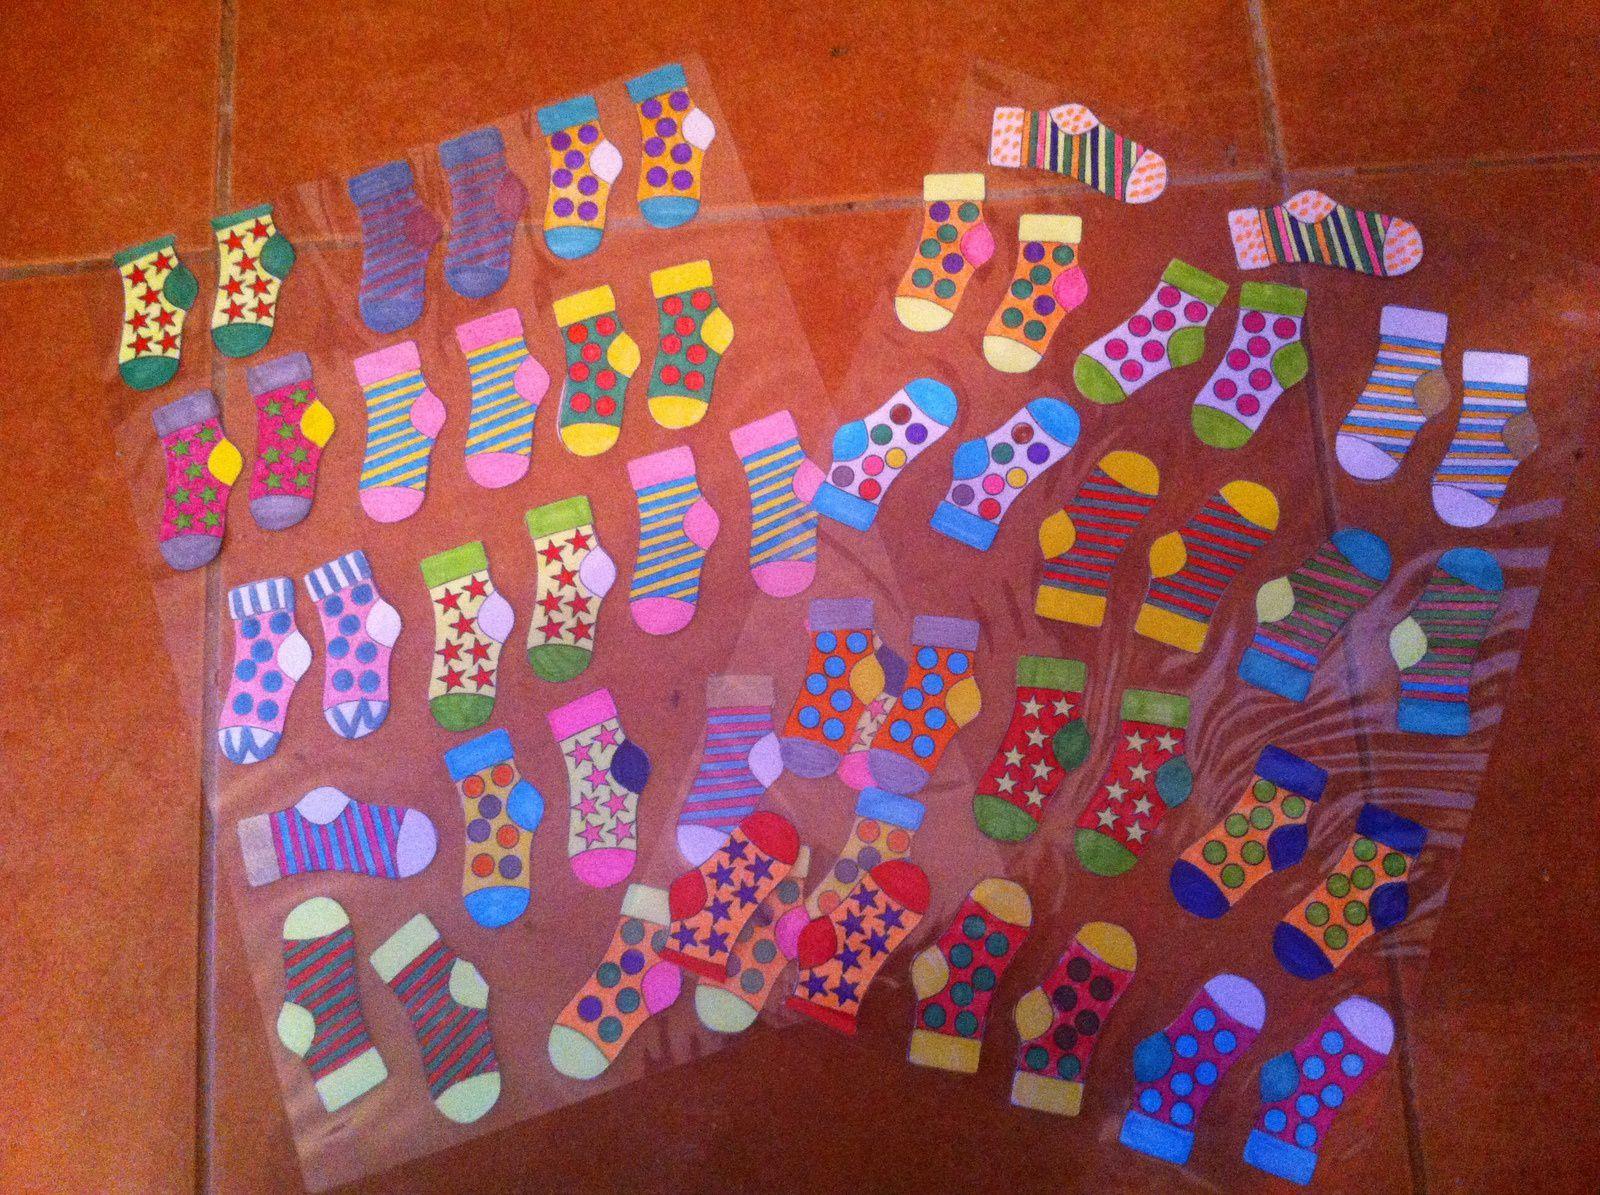 DIY créer un jeu : les paires de chaussettes